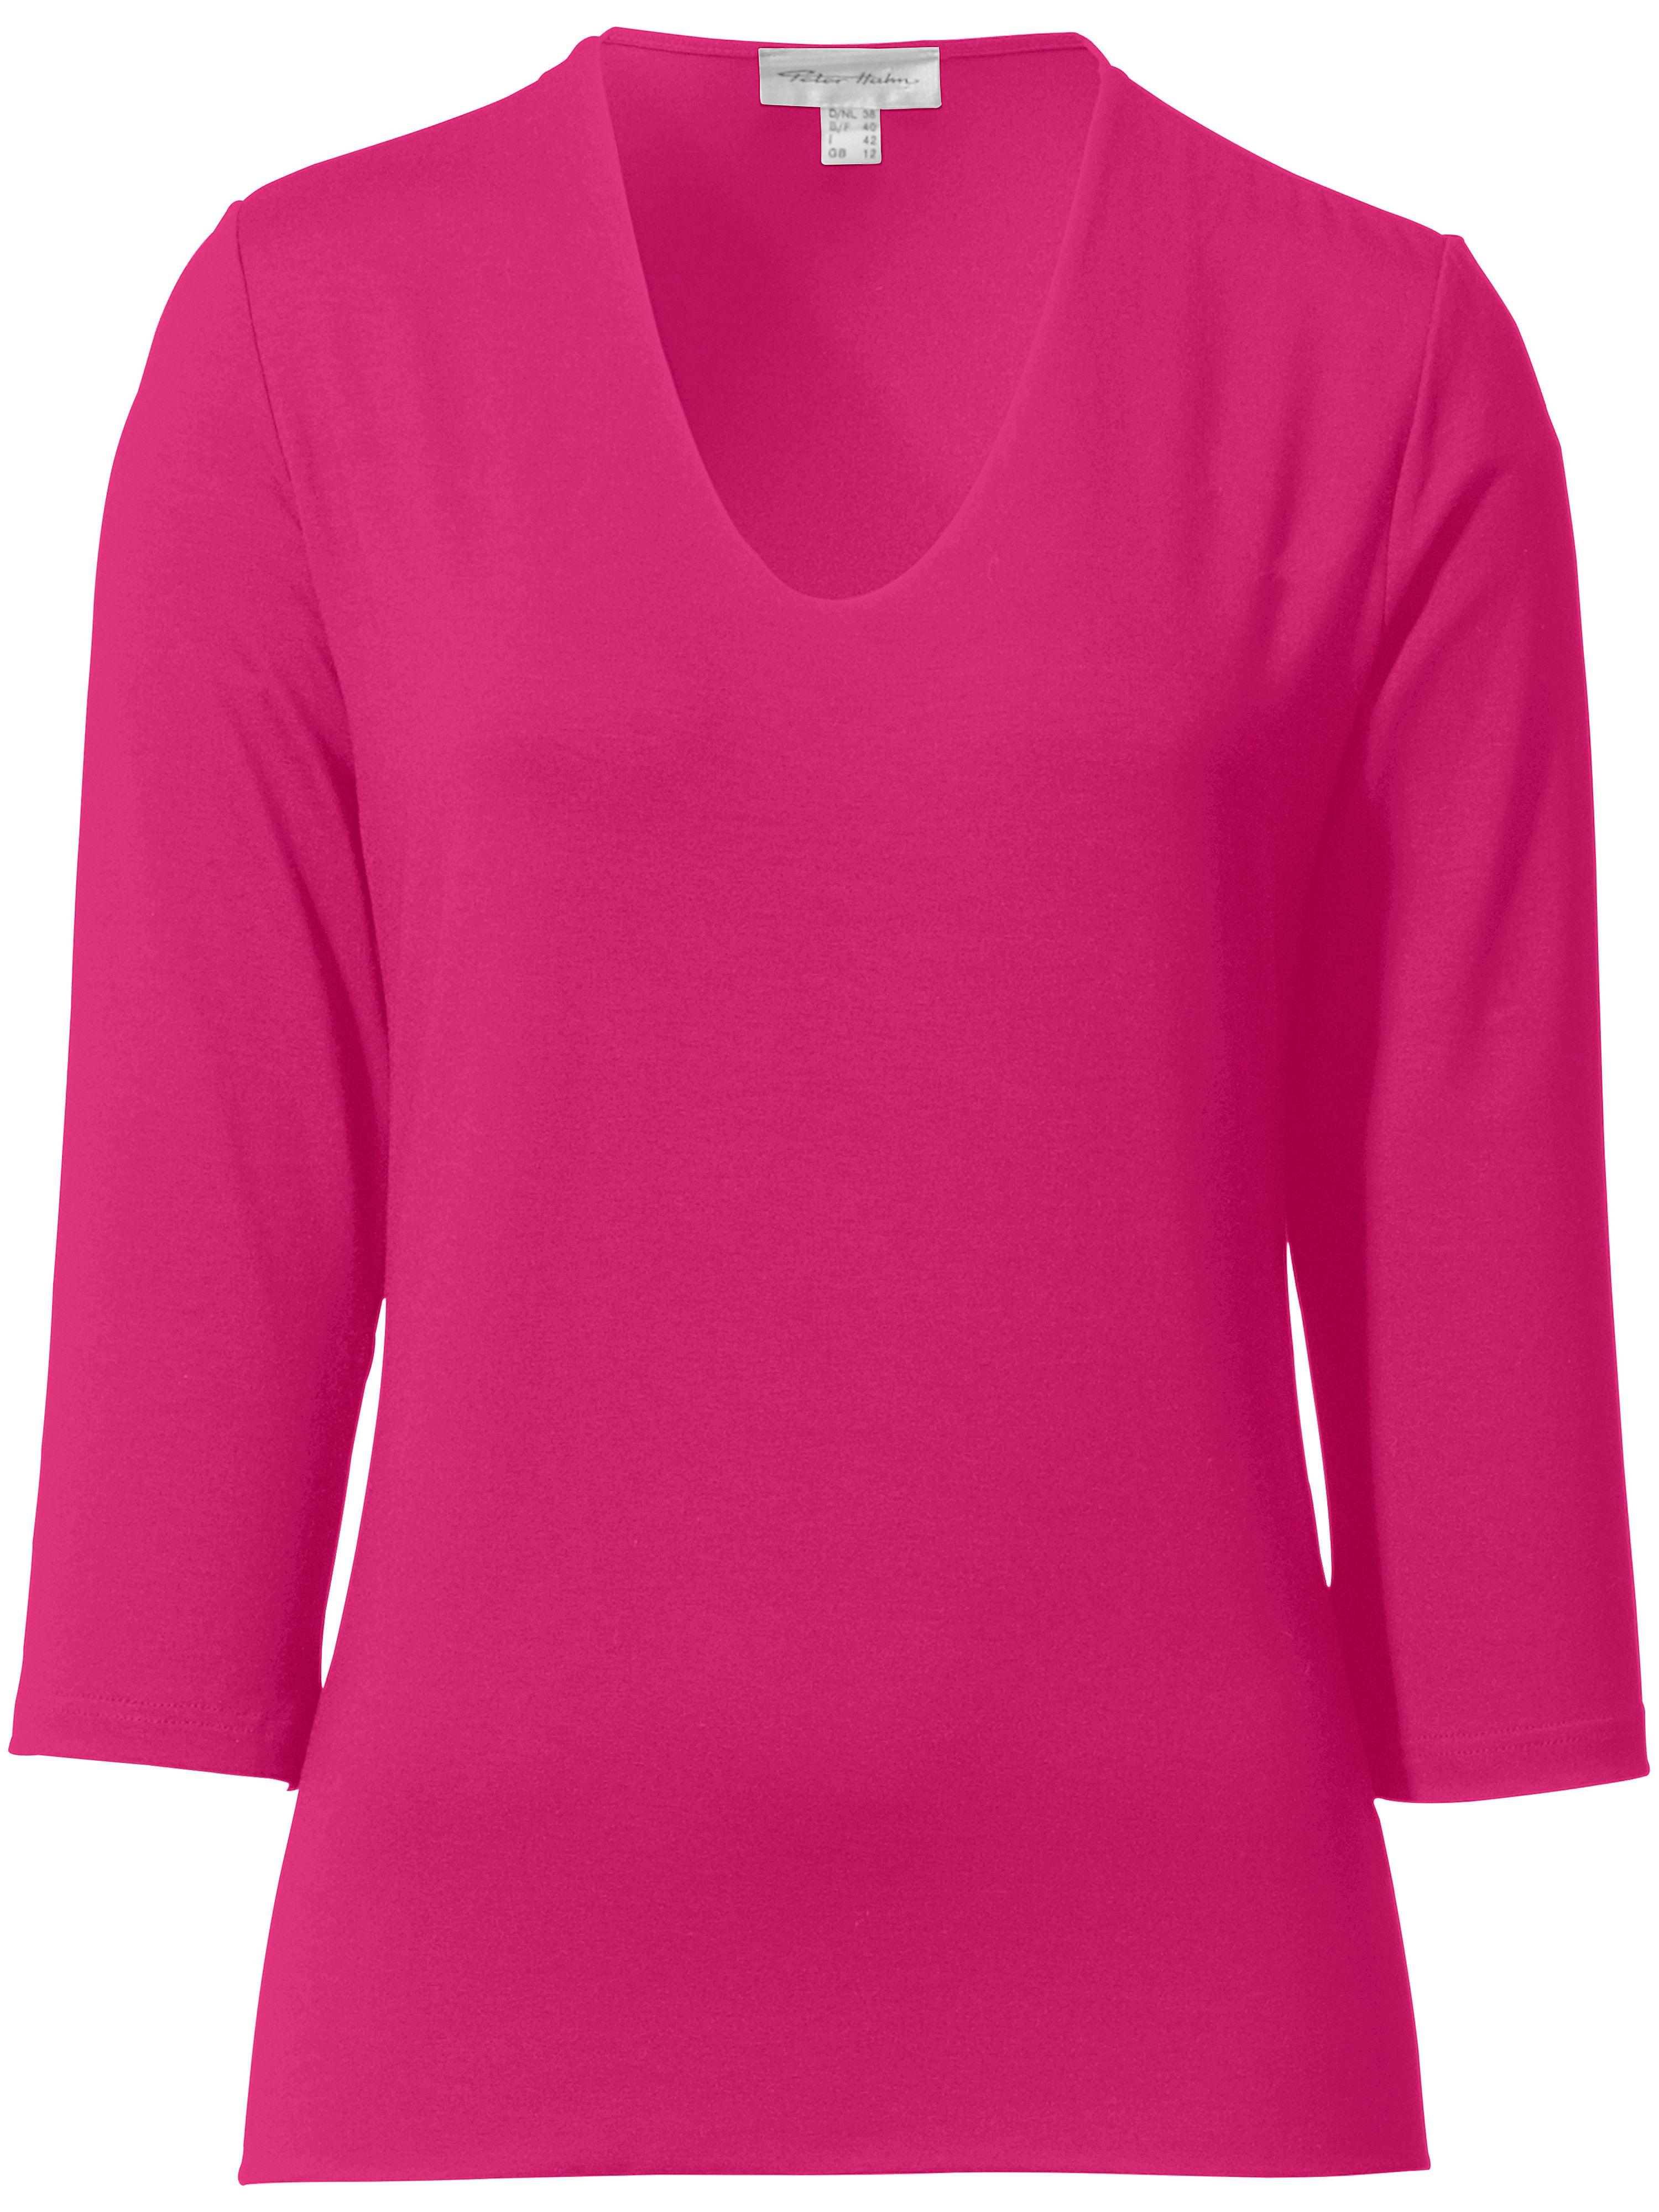 Image of   Bluse 3/4-ærmer Fra Peter Hahn pink